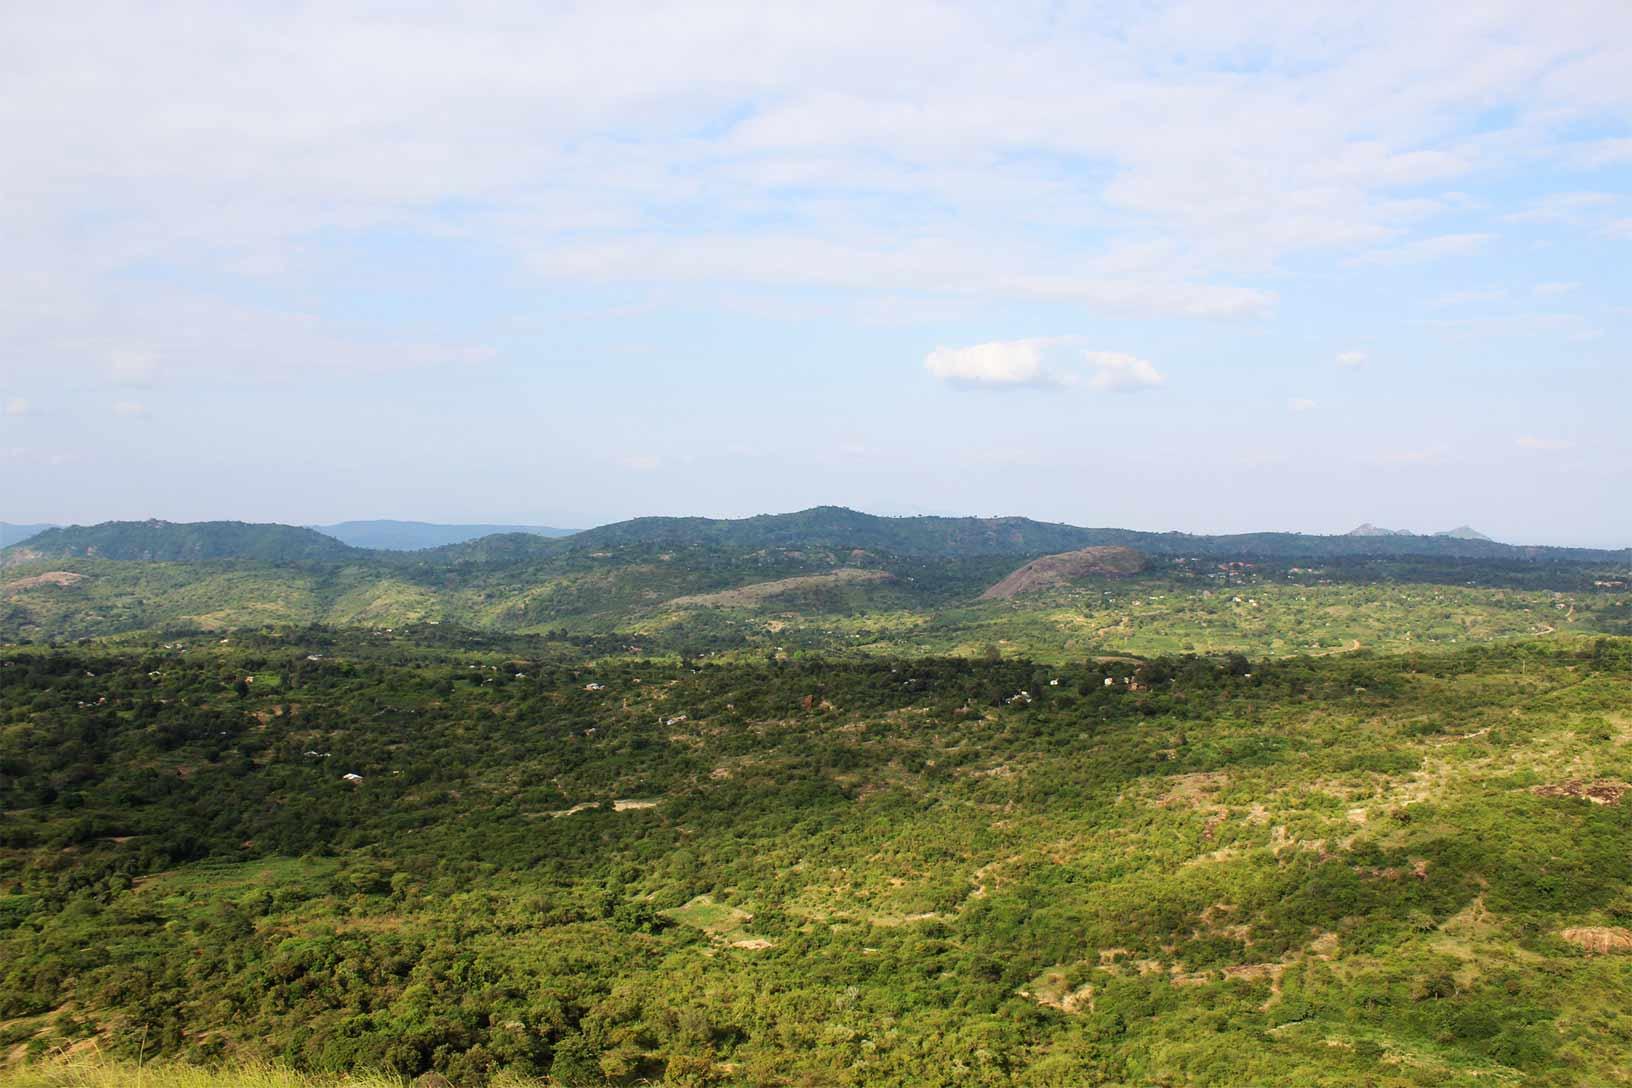 Nzambani Rock Top View 3